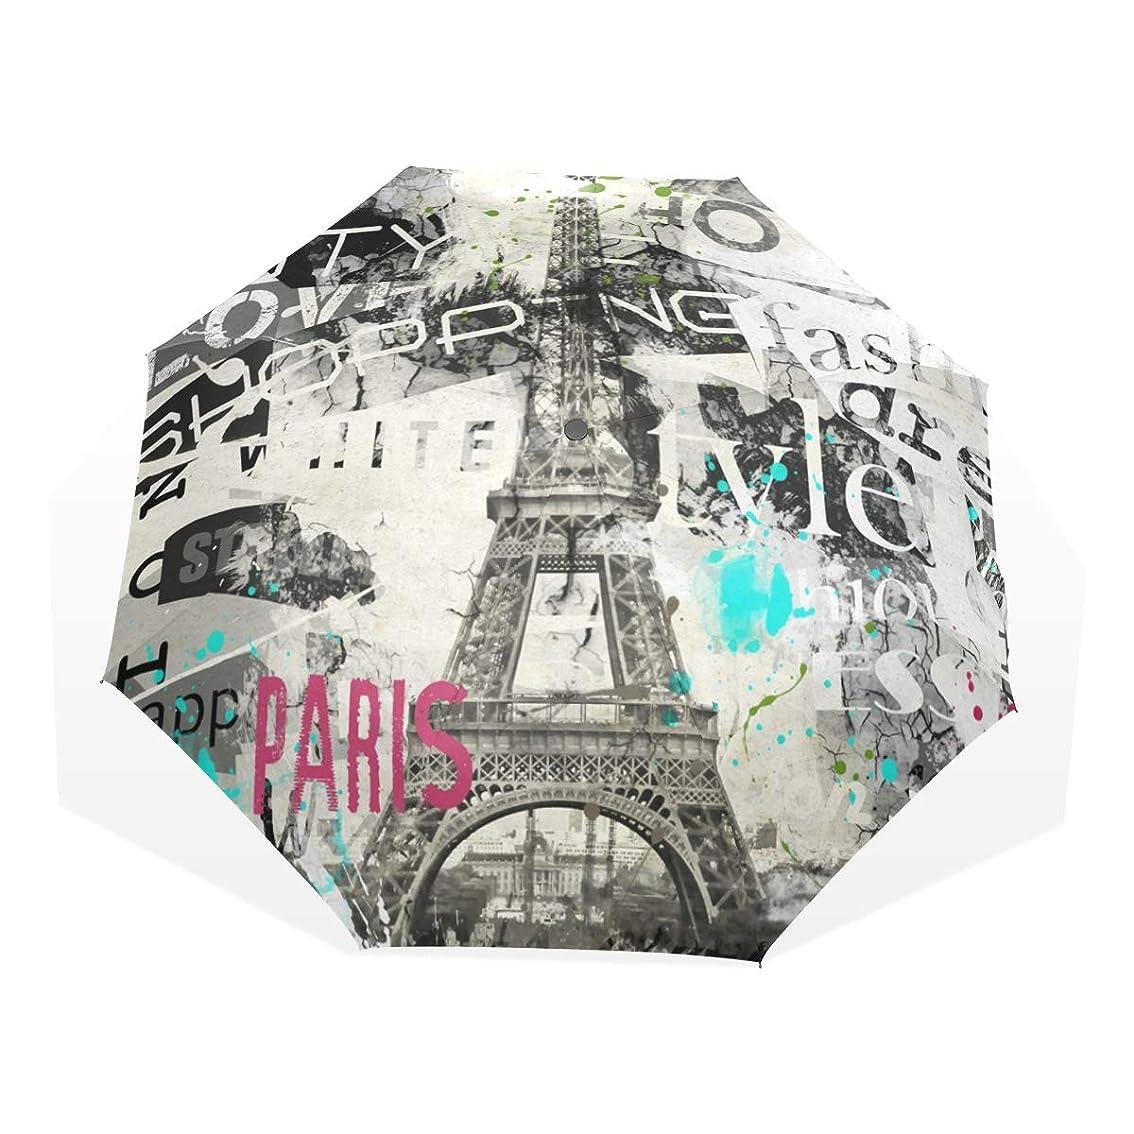 入場アルネ創始者AOMOKI 折り畳み傘 折りたたみ傘 日傘 手開 UVカットき 三つ折り 晴雨兼用 梅雨対策 耐強風 8本骨 男女兼用 パリ Paris タワー 復古